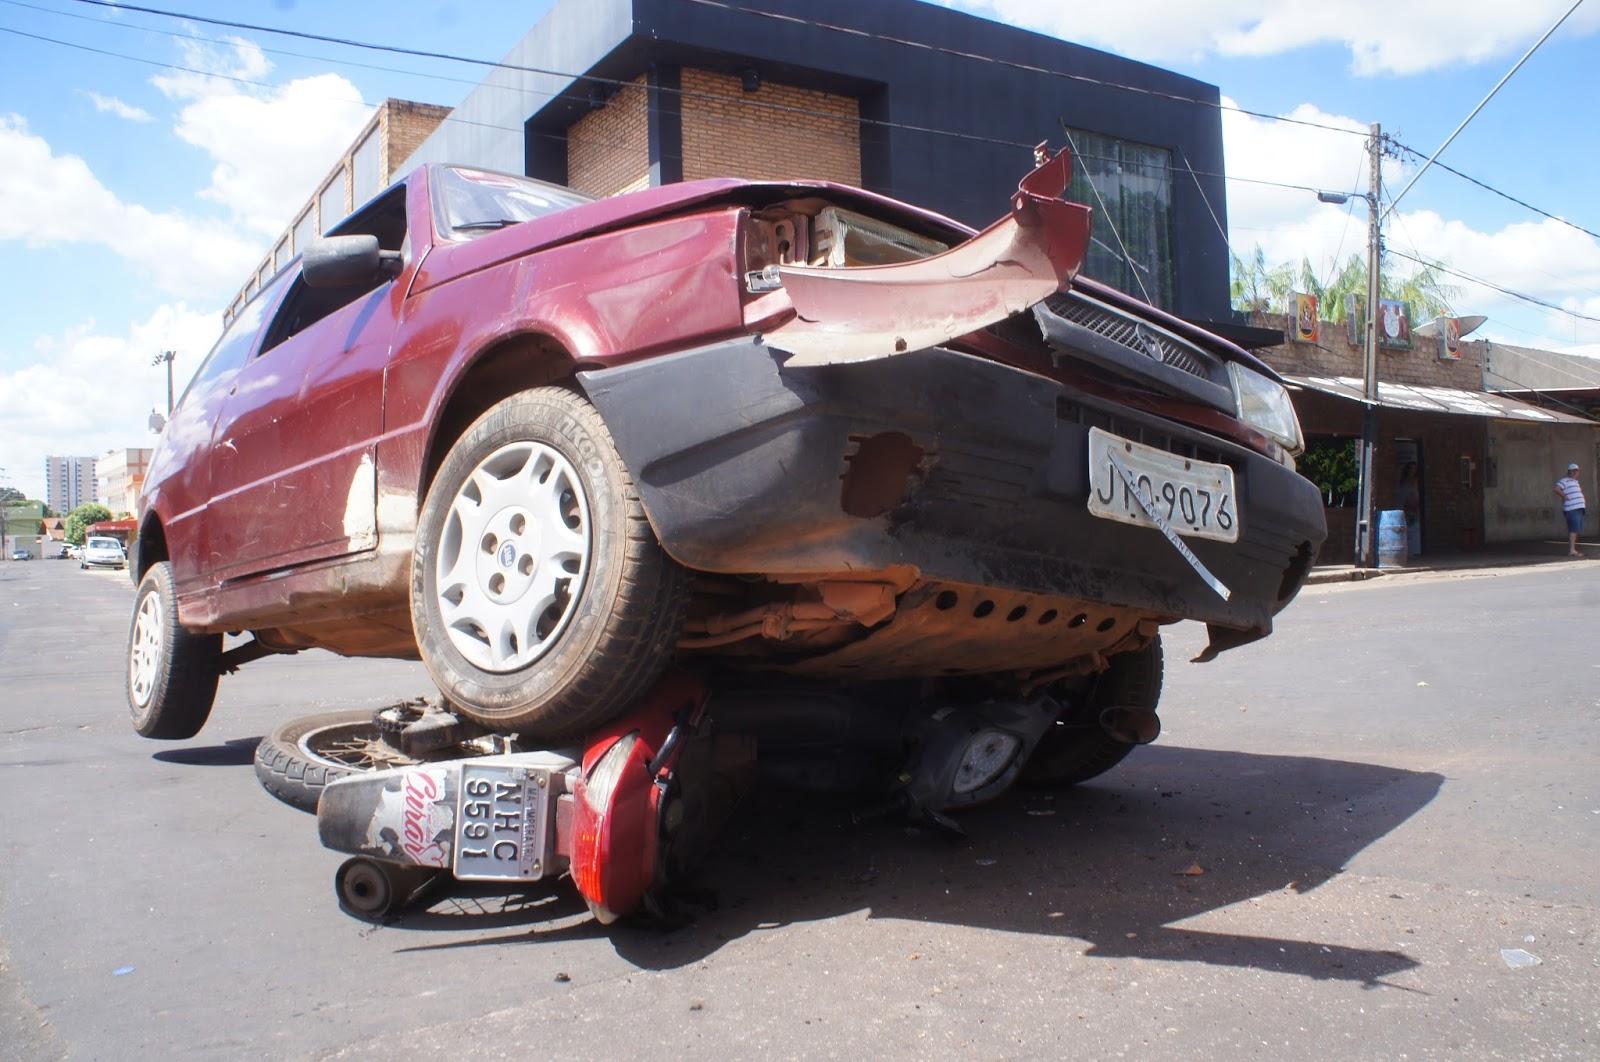 5fe56a04f42bc Por falta de atenção aconteceu Dois graves acidentes na tarde de quarta  feira em Imperatriz